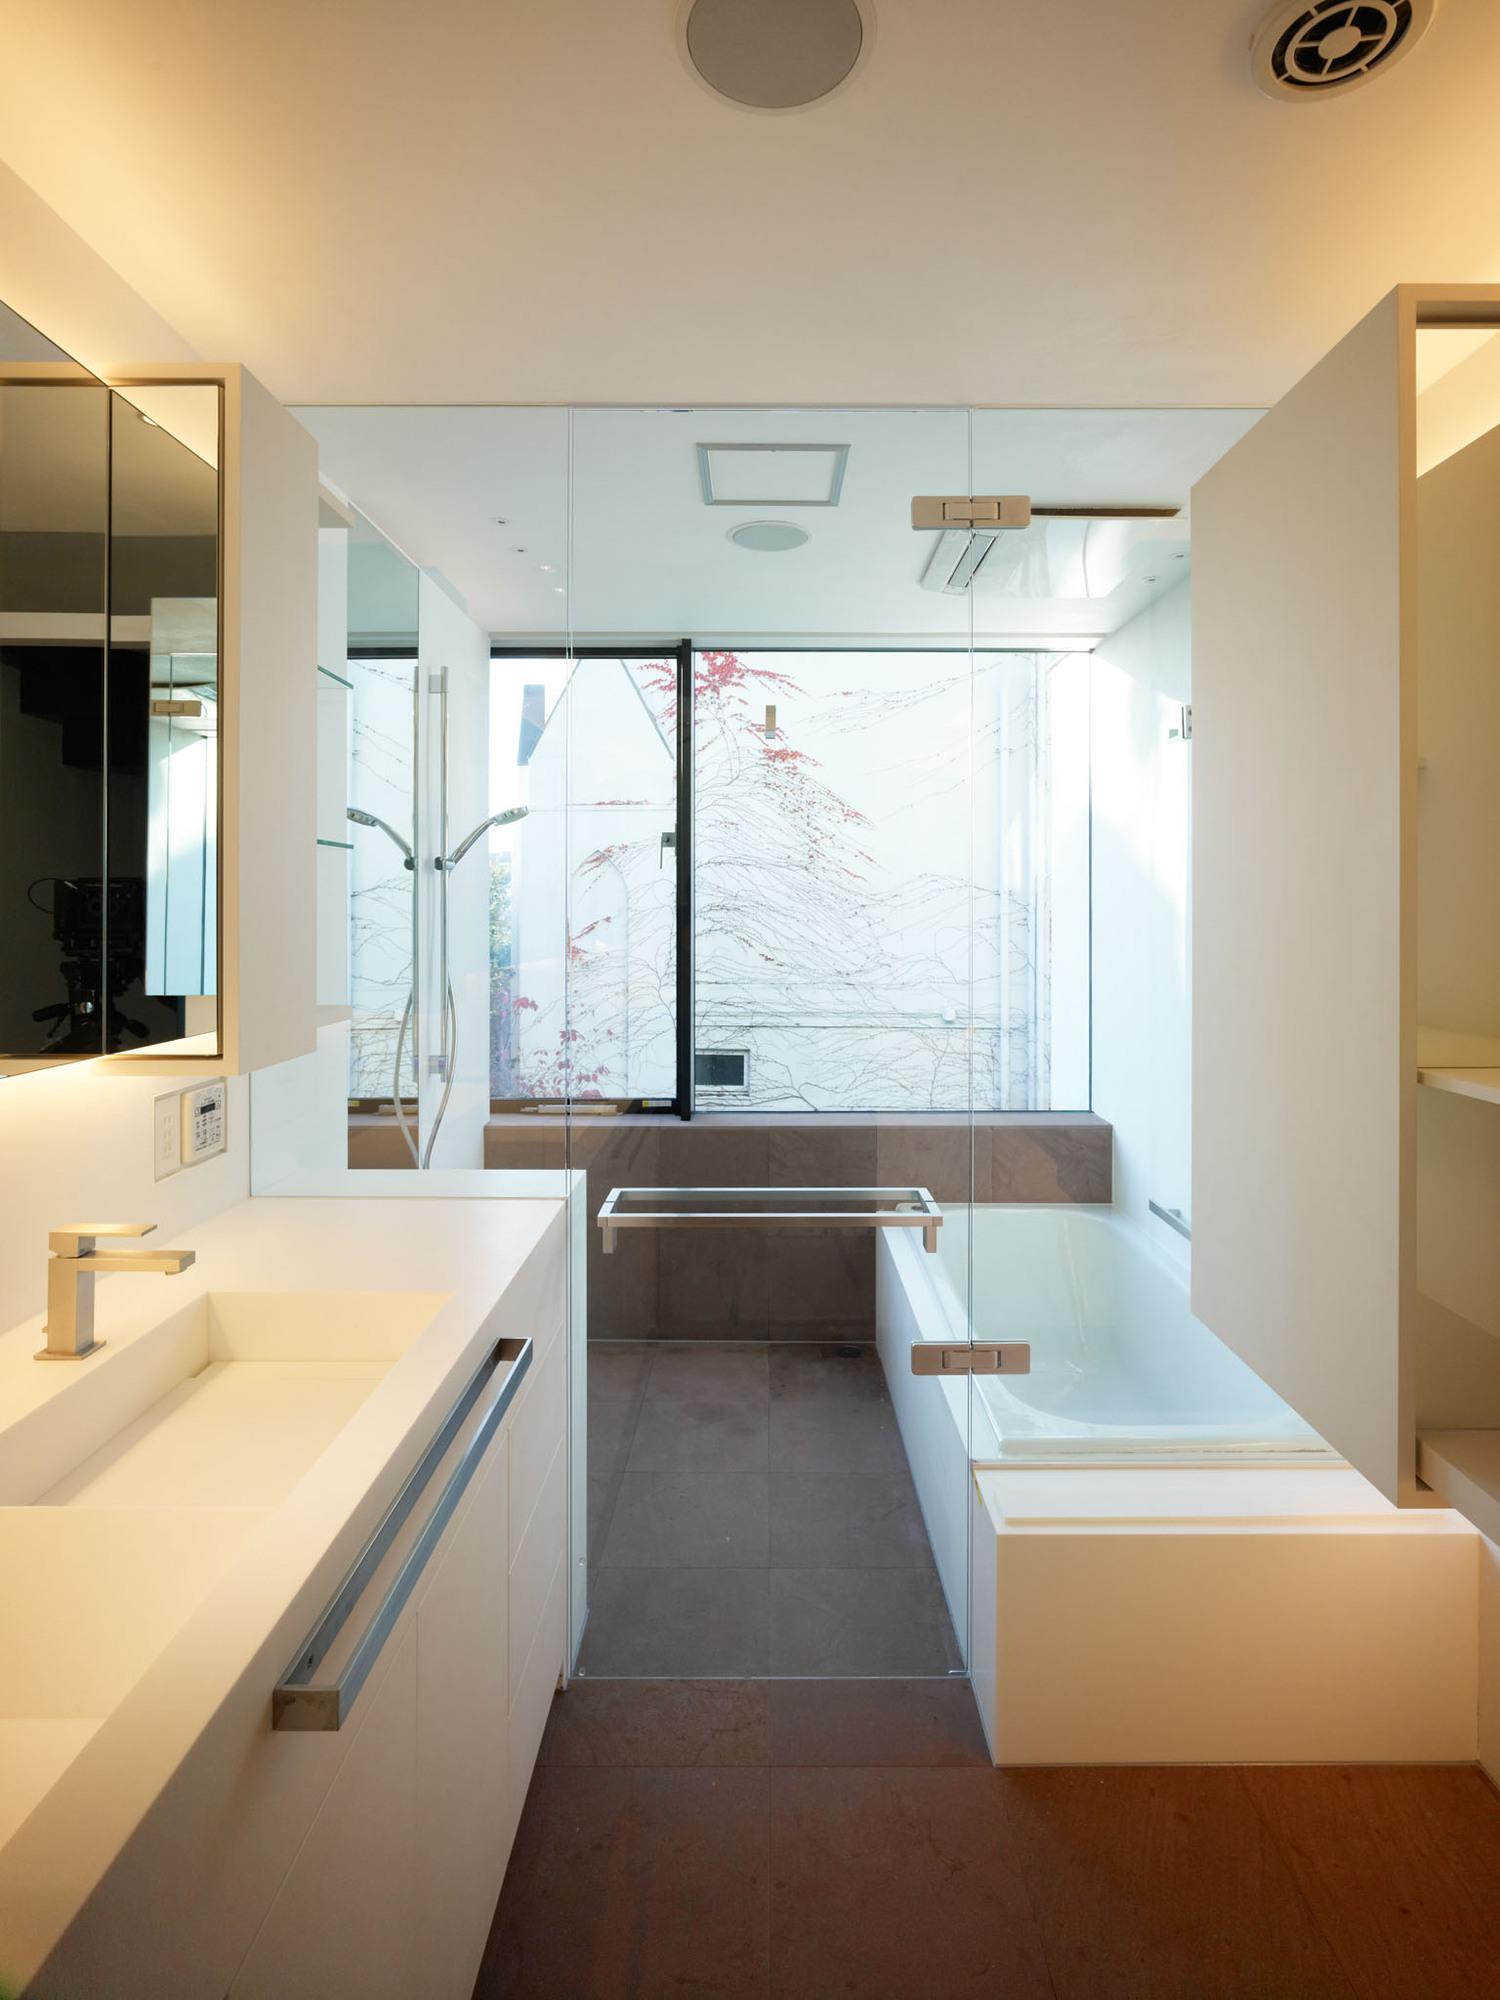 Pisos Para Baños Publicos:uno de los 1 100 baños públicos de la ciudad